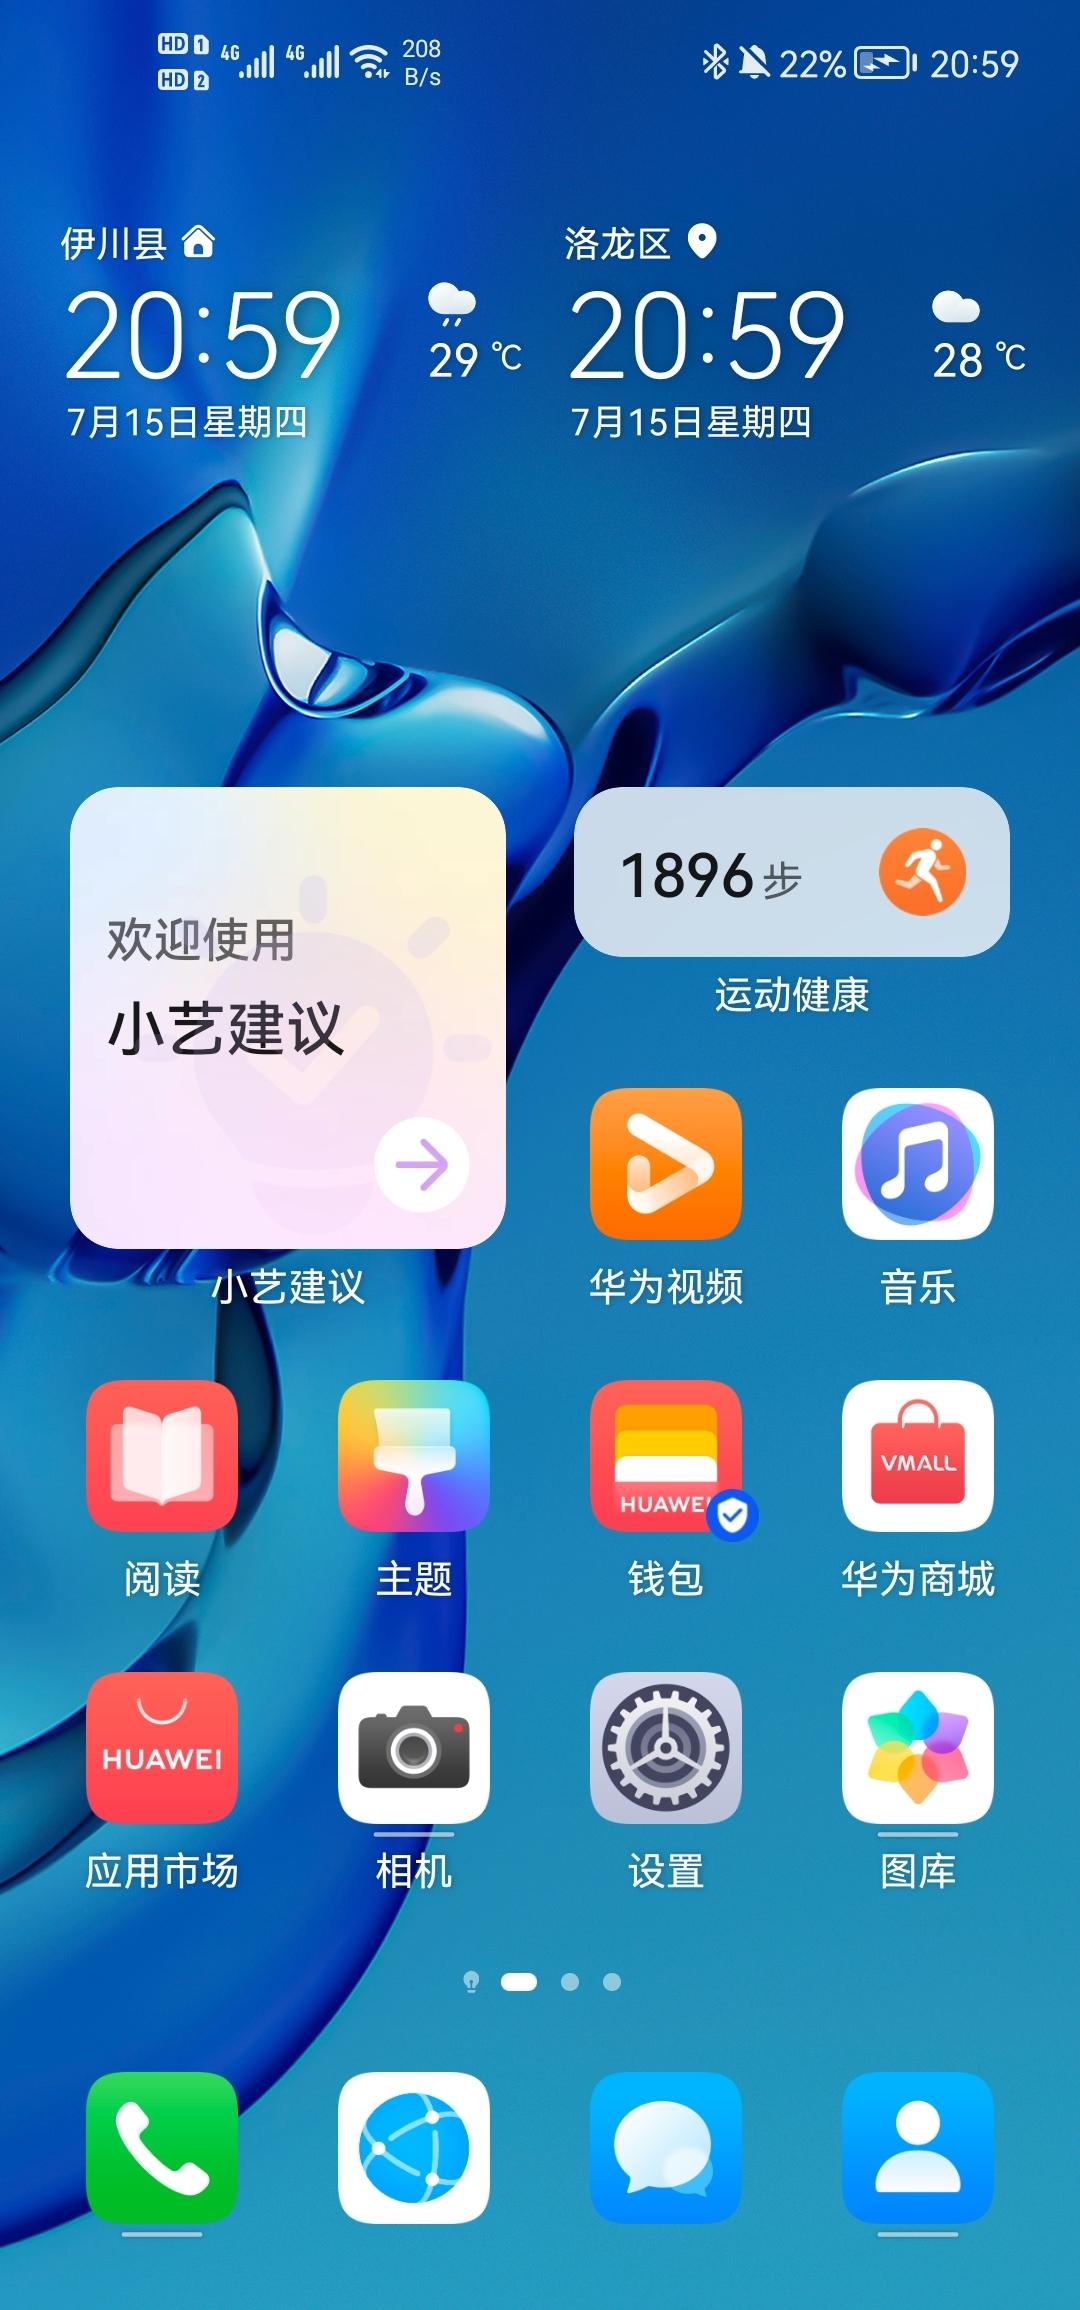 Screenshot_20210715_205938_com.huawei.android.launcher.jpg